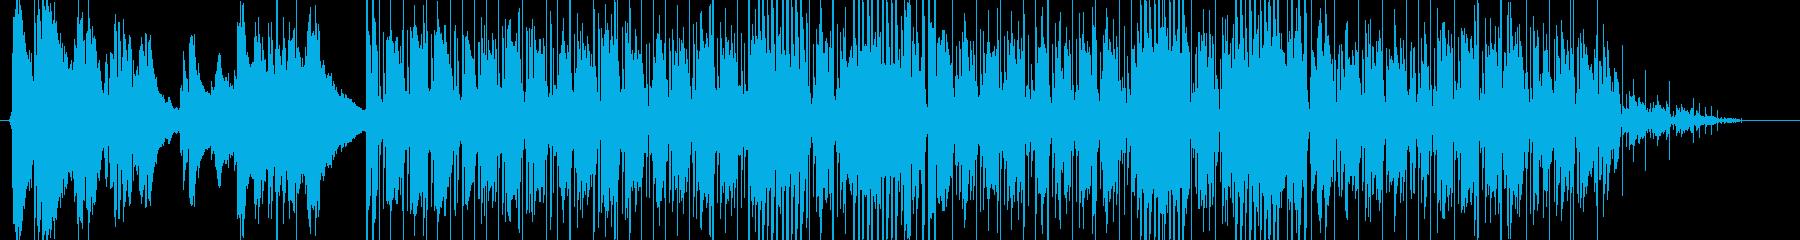 フィンガースタイルのリフ ブルースの再生済みの波形